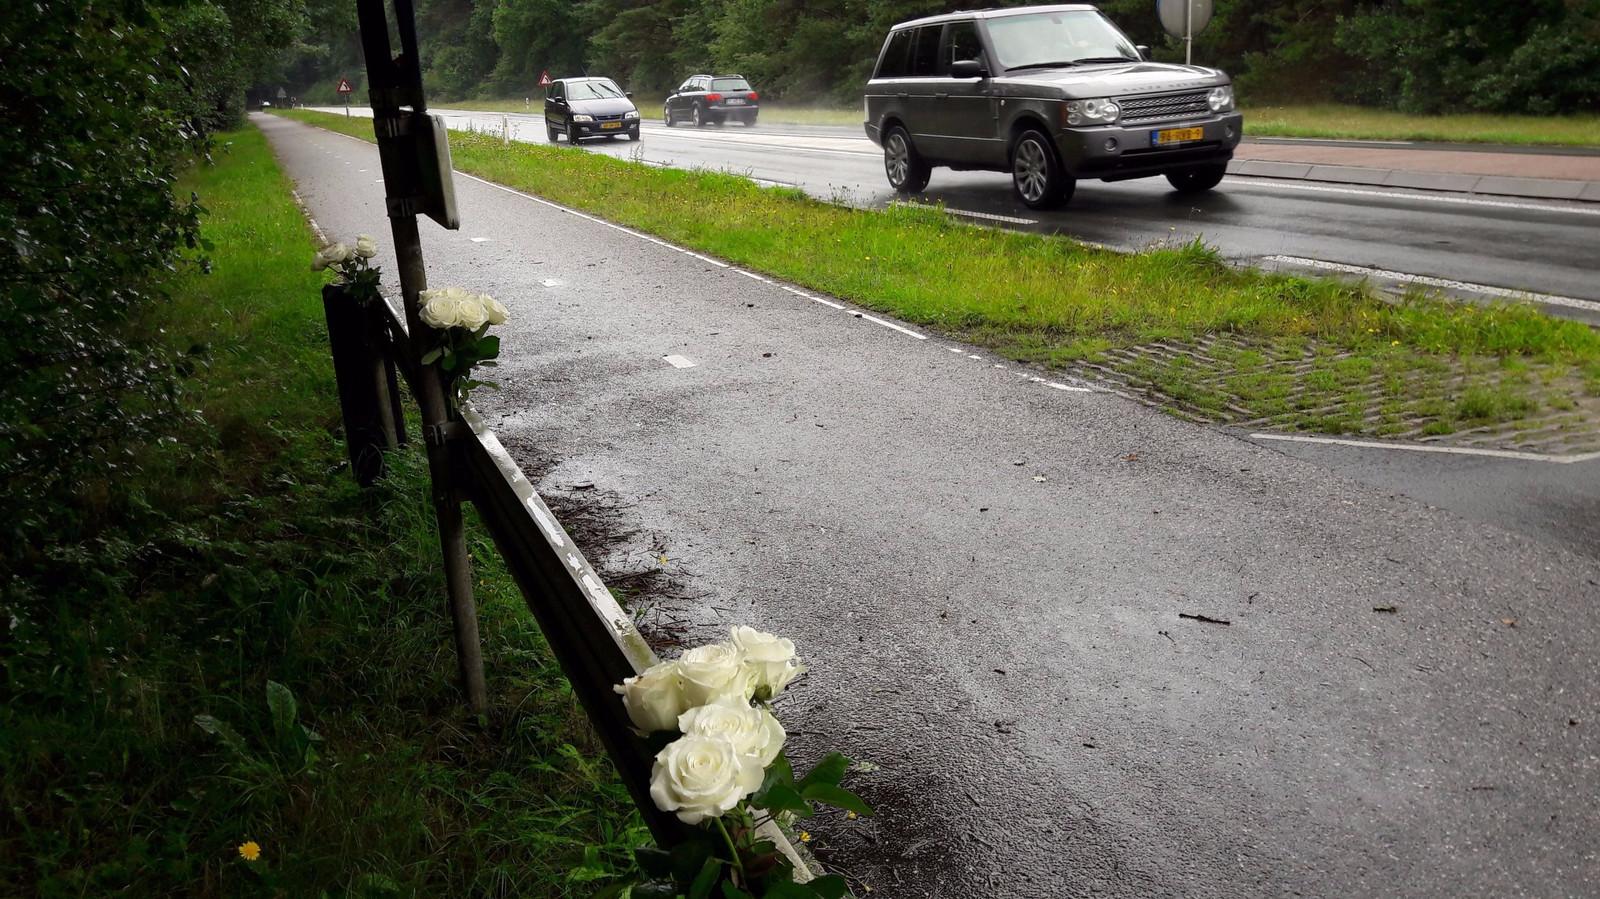 Bloemen bij de plek waar Bart van den Hul vrijdagmorgen aangereden werd op de N304 tussen Otterlo en Hoenderloo. Vrijdagavond overleed hij aan zijn verwondingen.